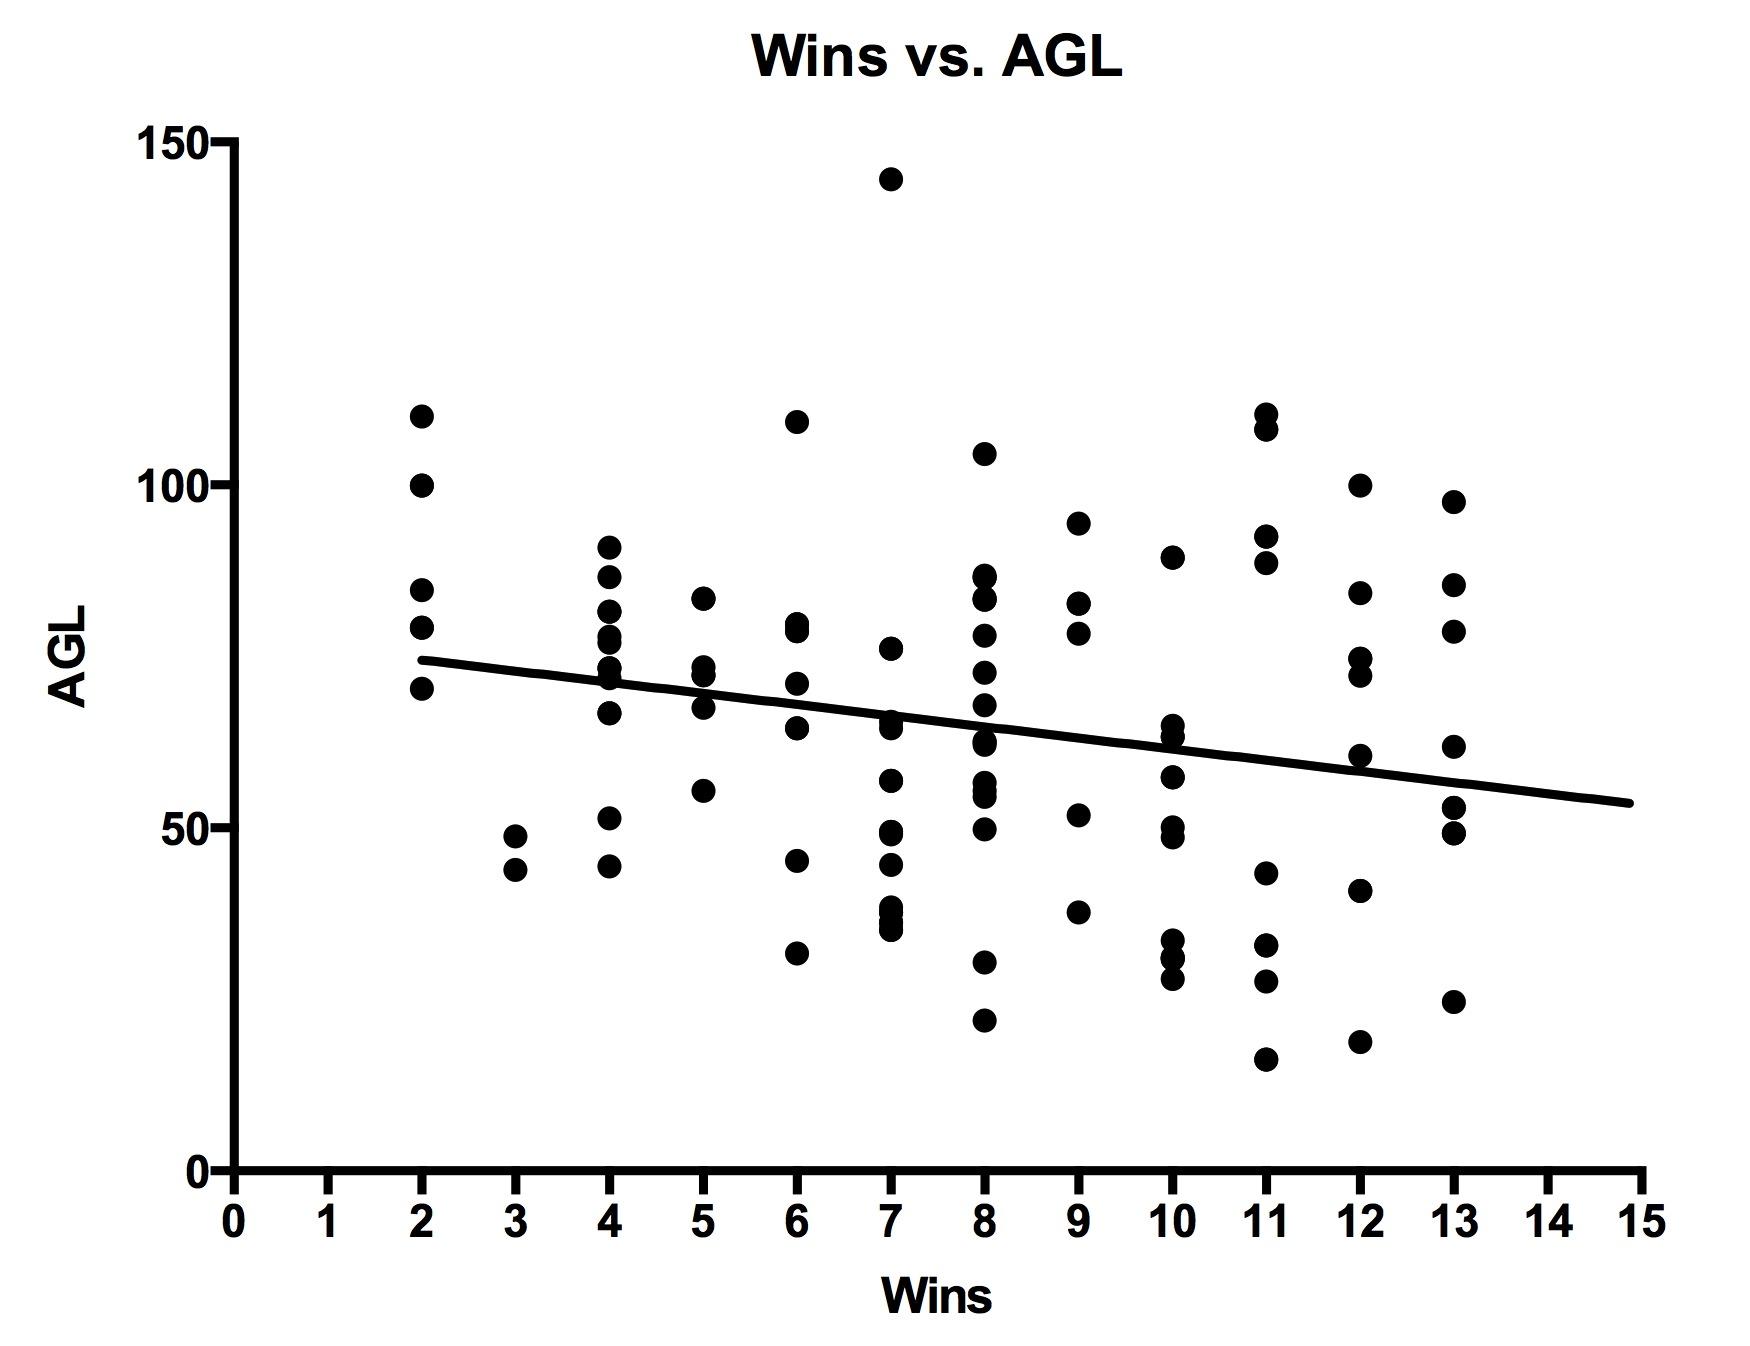 AGL vs. wins